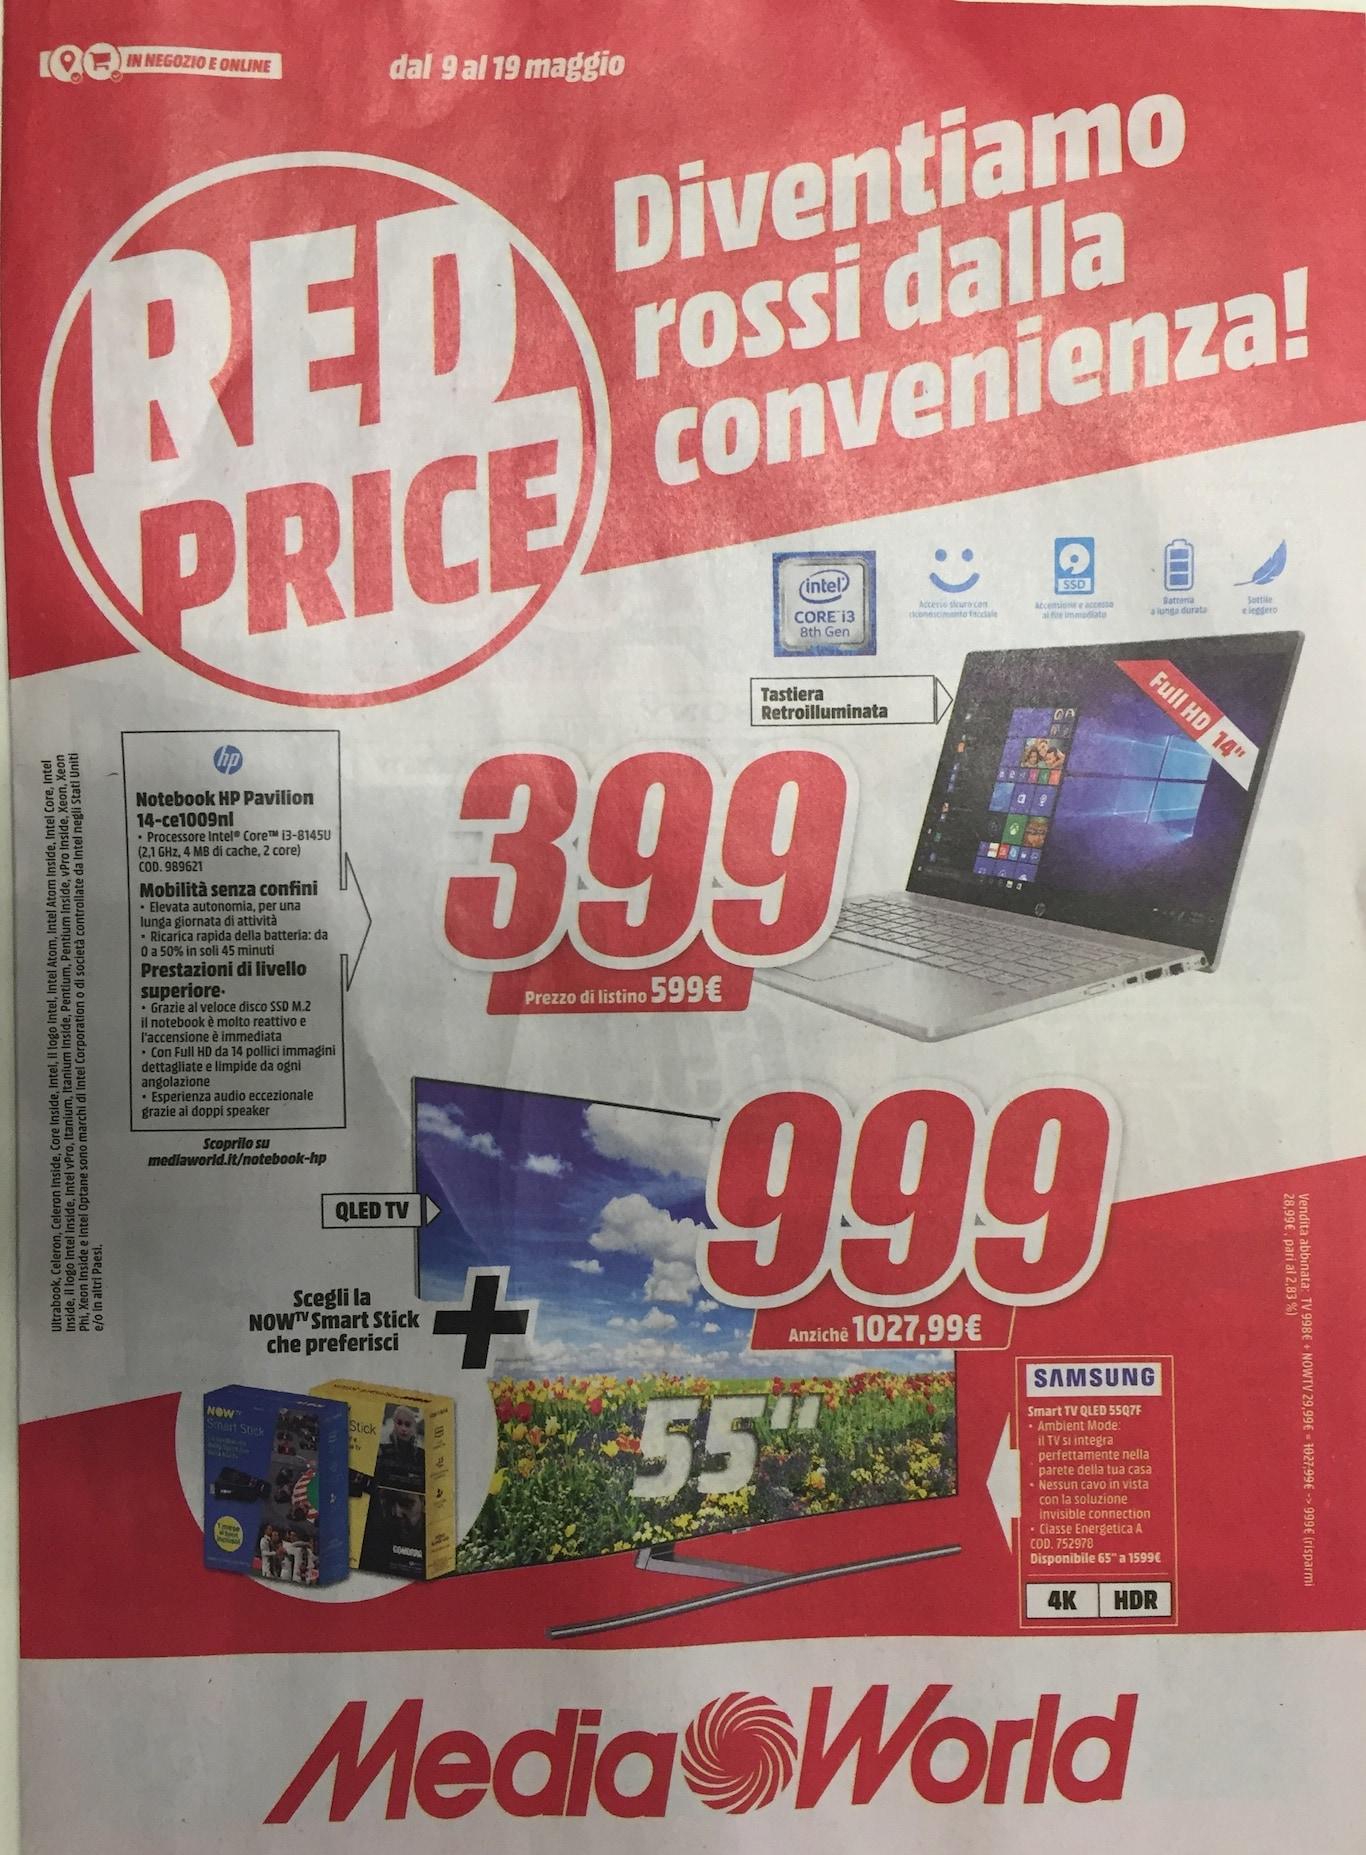 Volantino Red Price 9 maggio 2019 (1)